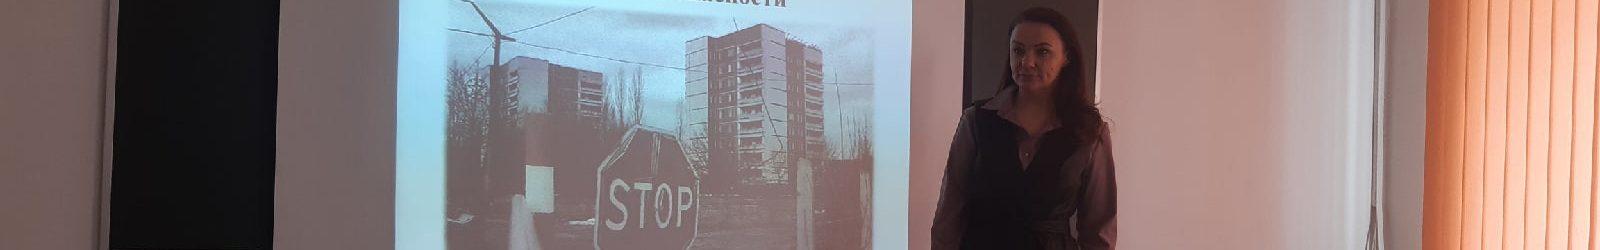 Чернобыльская авария: 35 лет истории